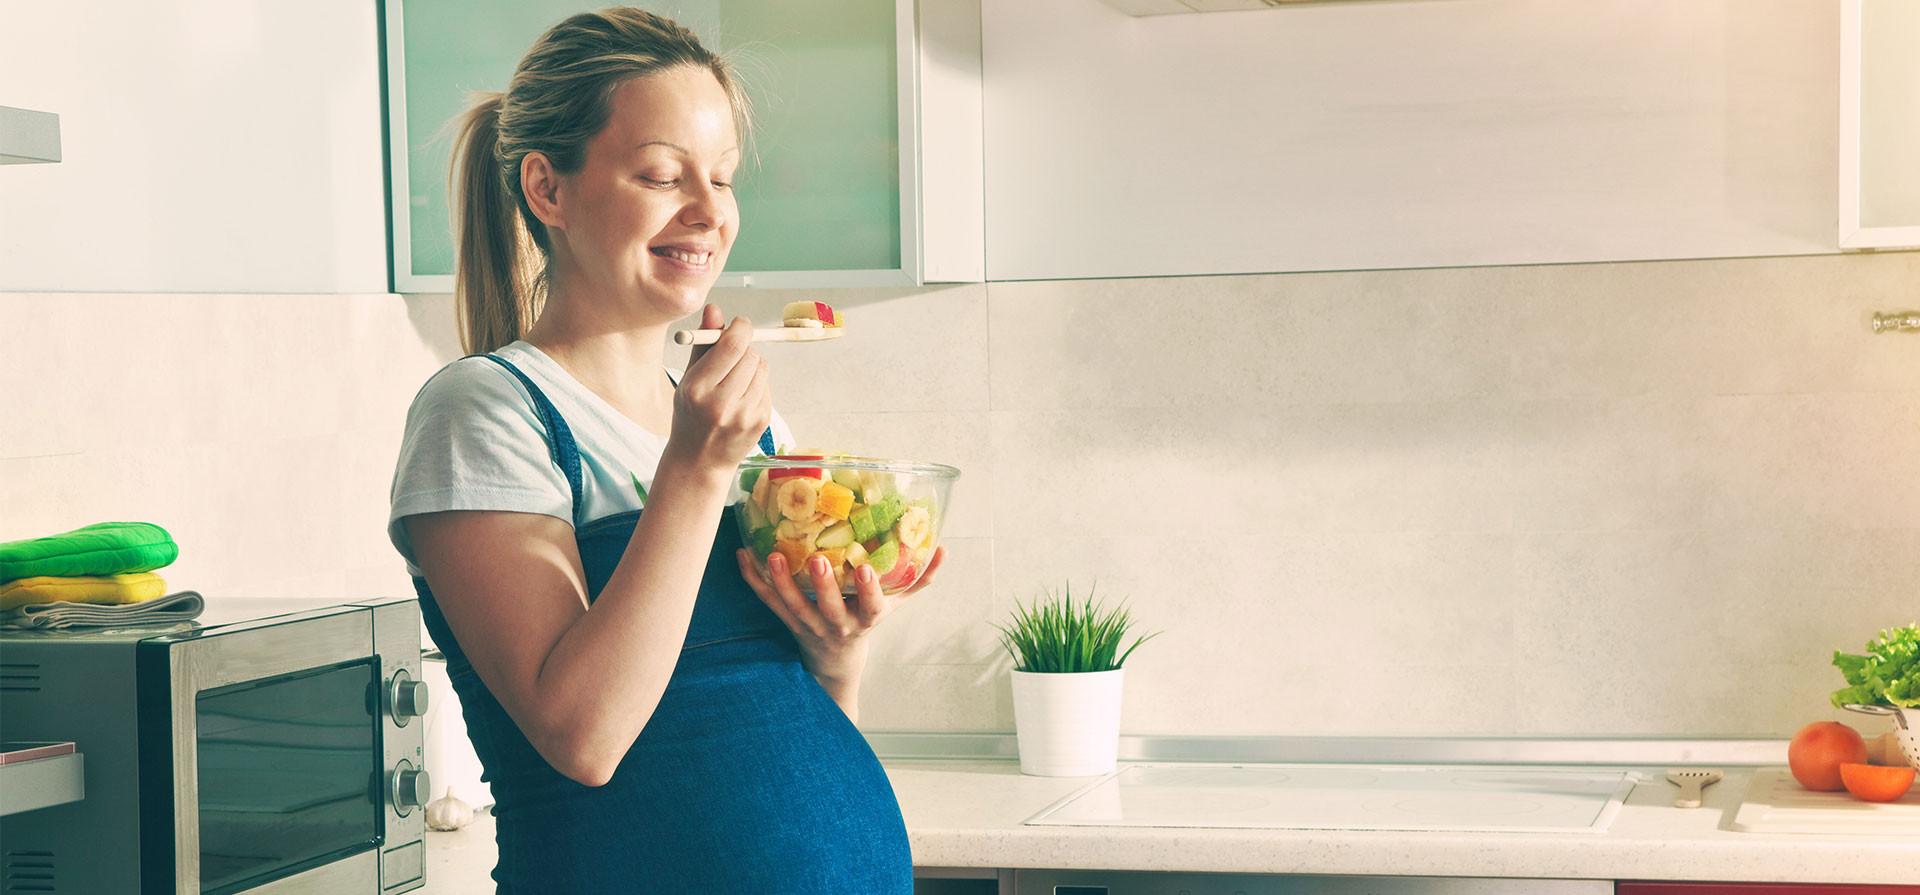 Quels repas privilégier pendant la grossesse ?